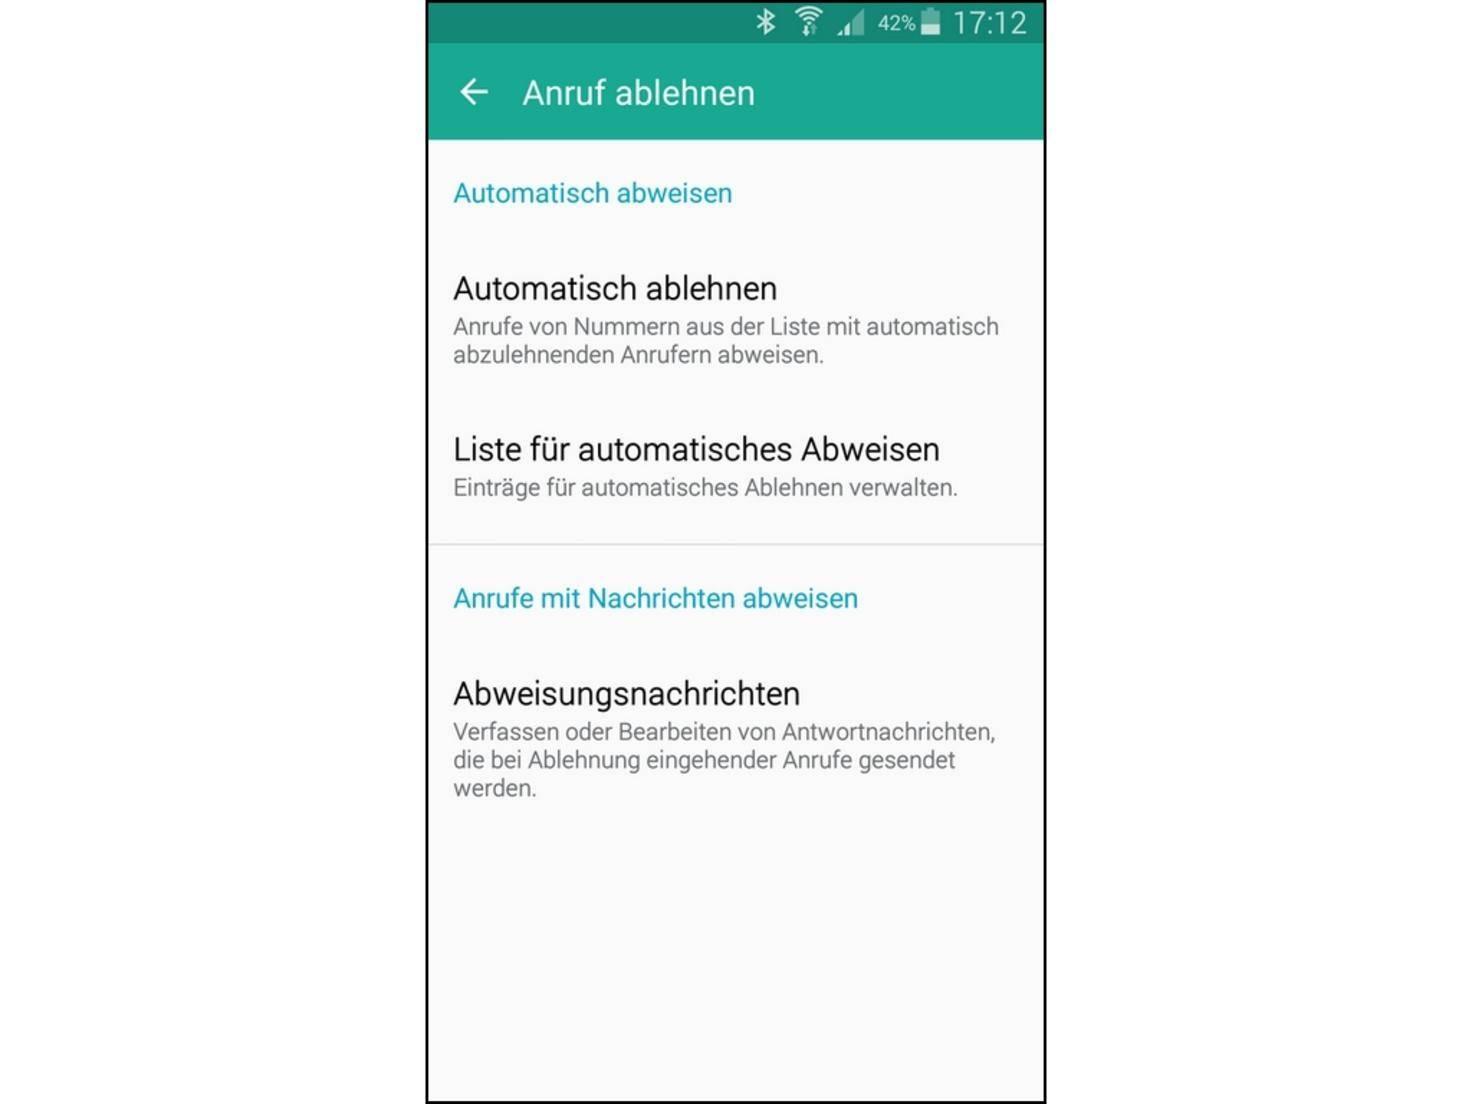 Anrufblocken_Samsung